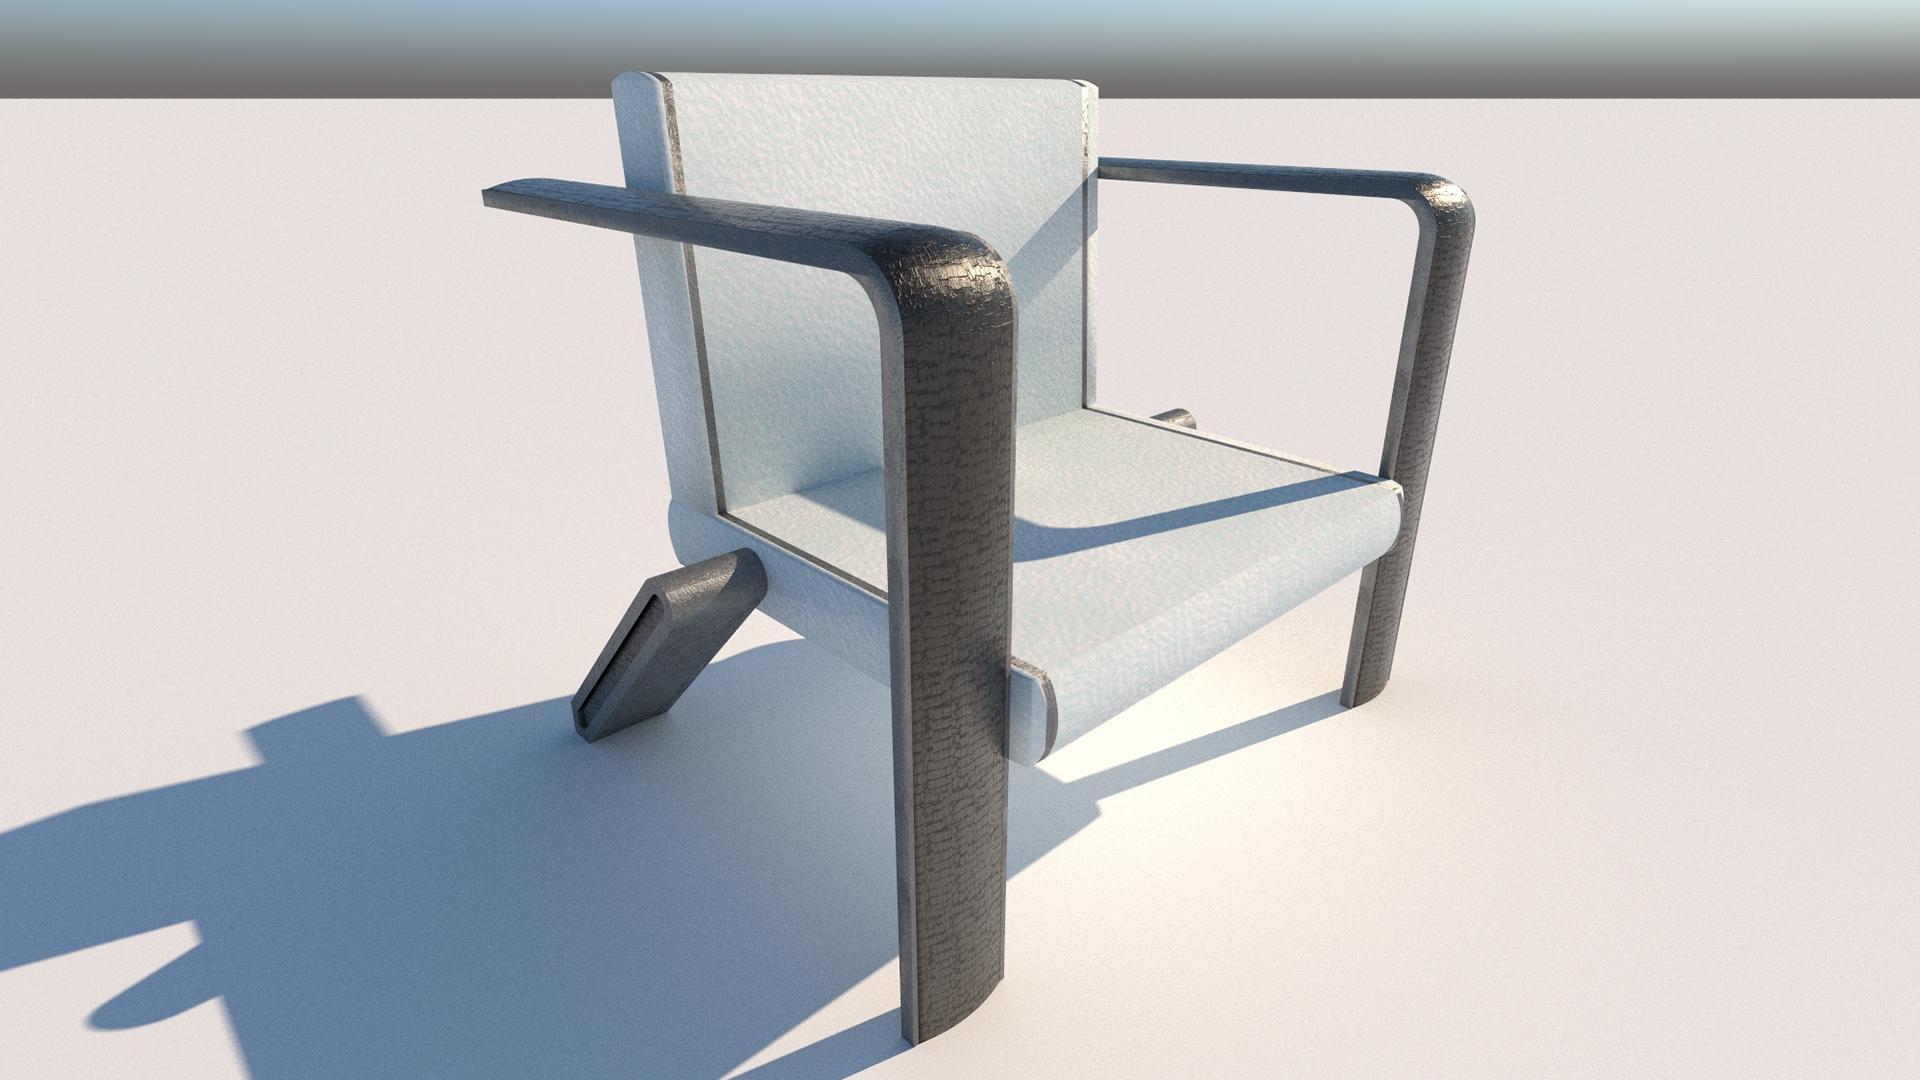 5 tendencias de diseño de interiores y muebles en 2018 | paredro.com